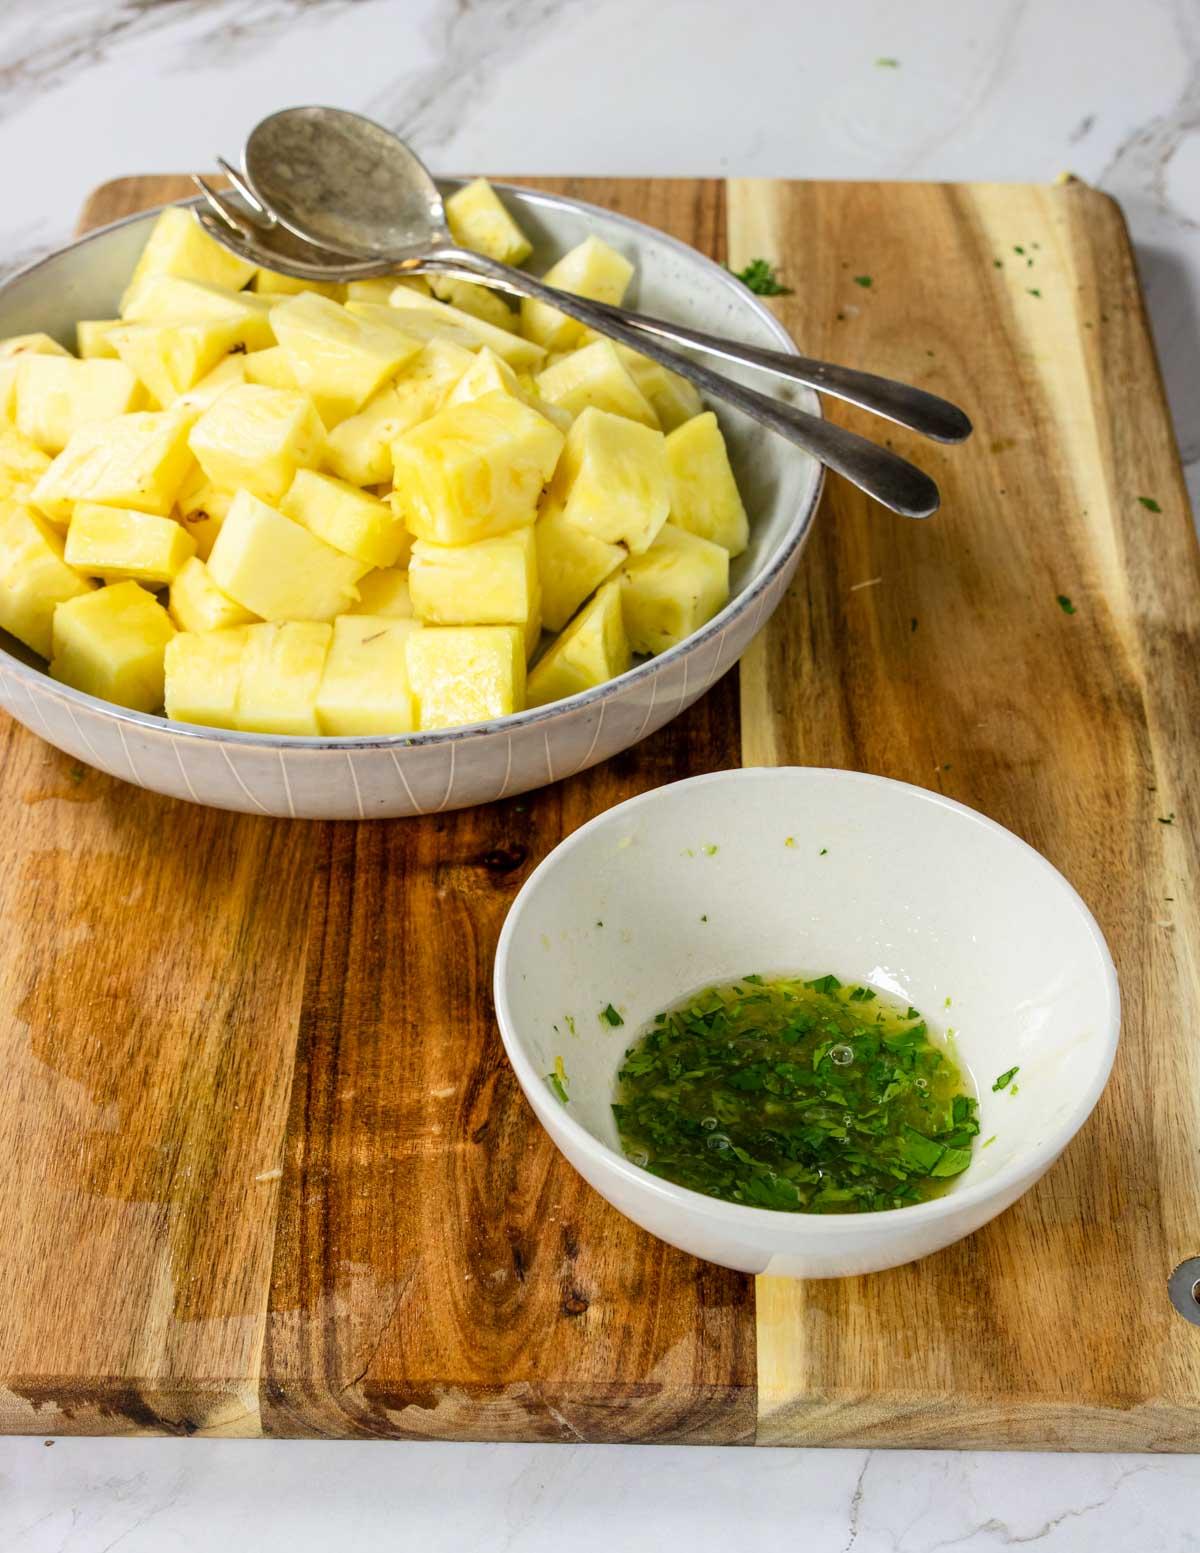 cilantro citrus marinade and cut pineapple